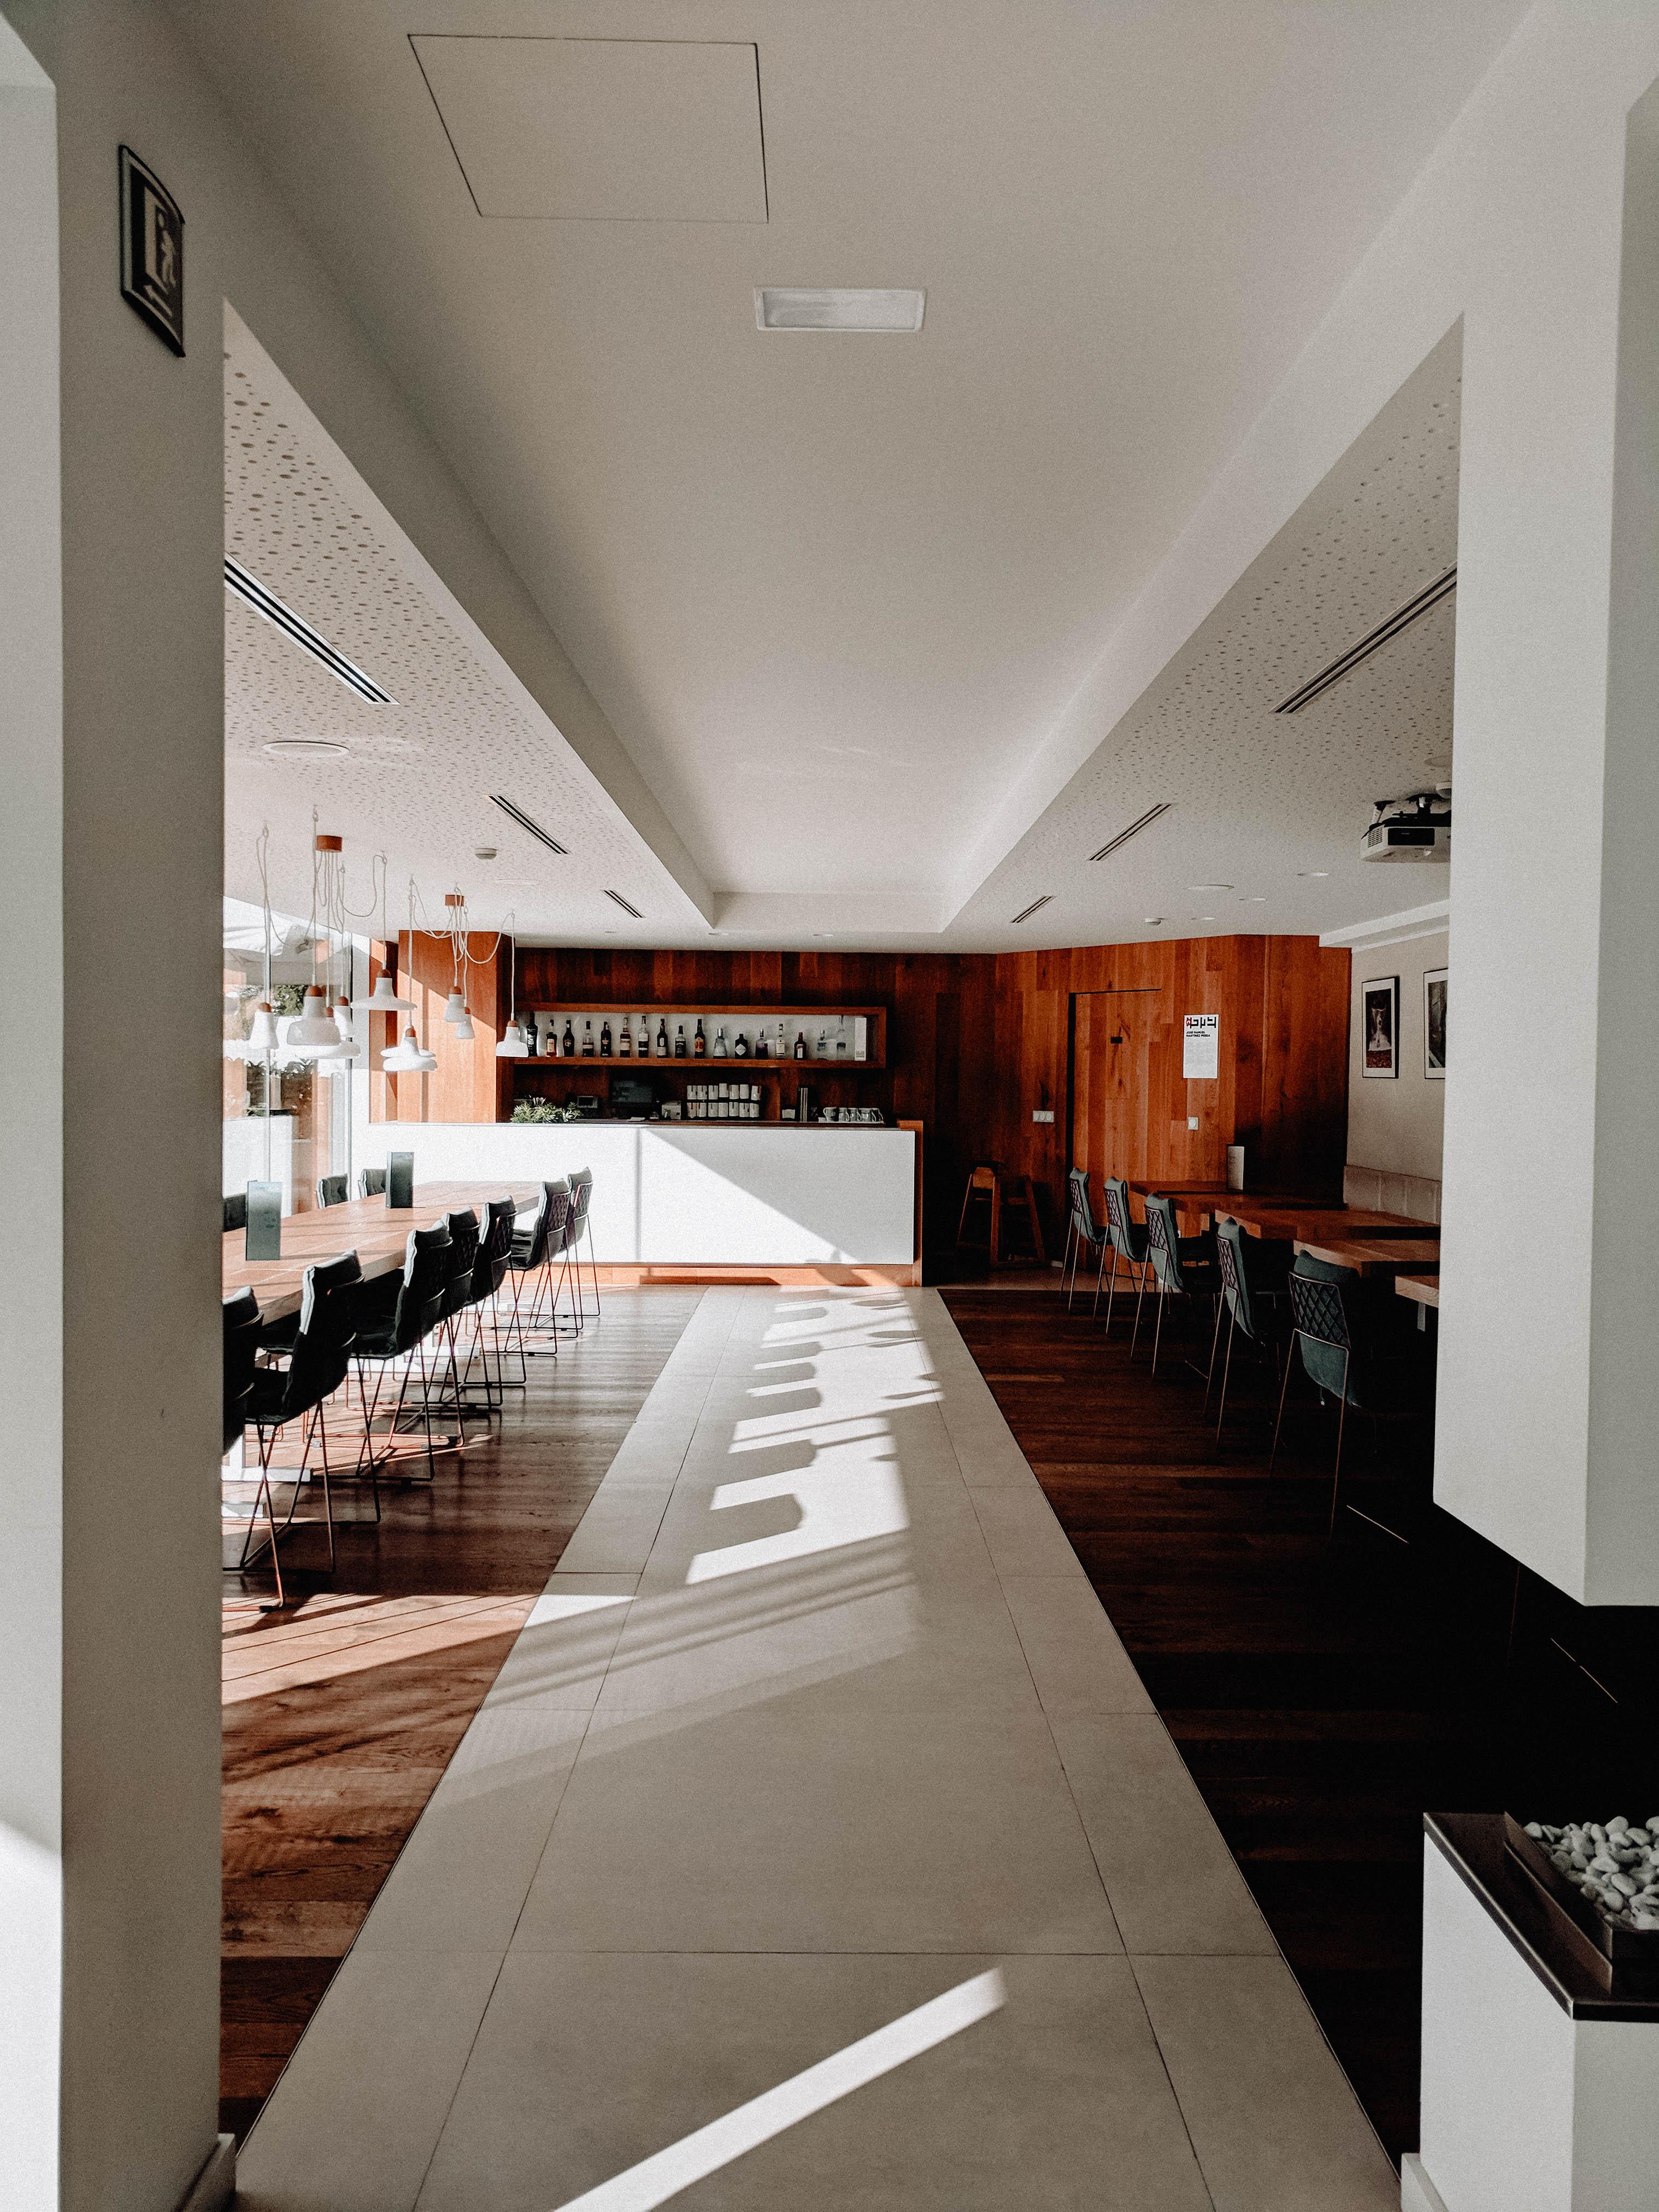 Emocions Sorli Hotel lobby interiors